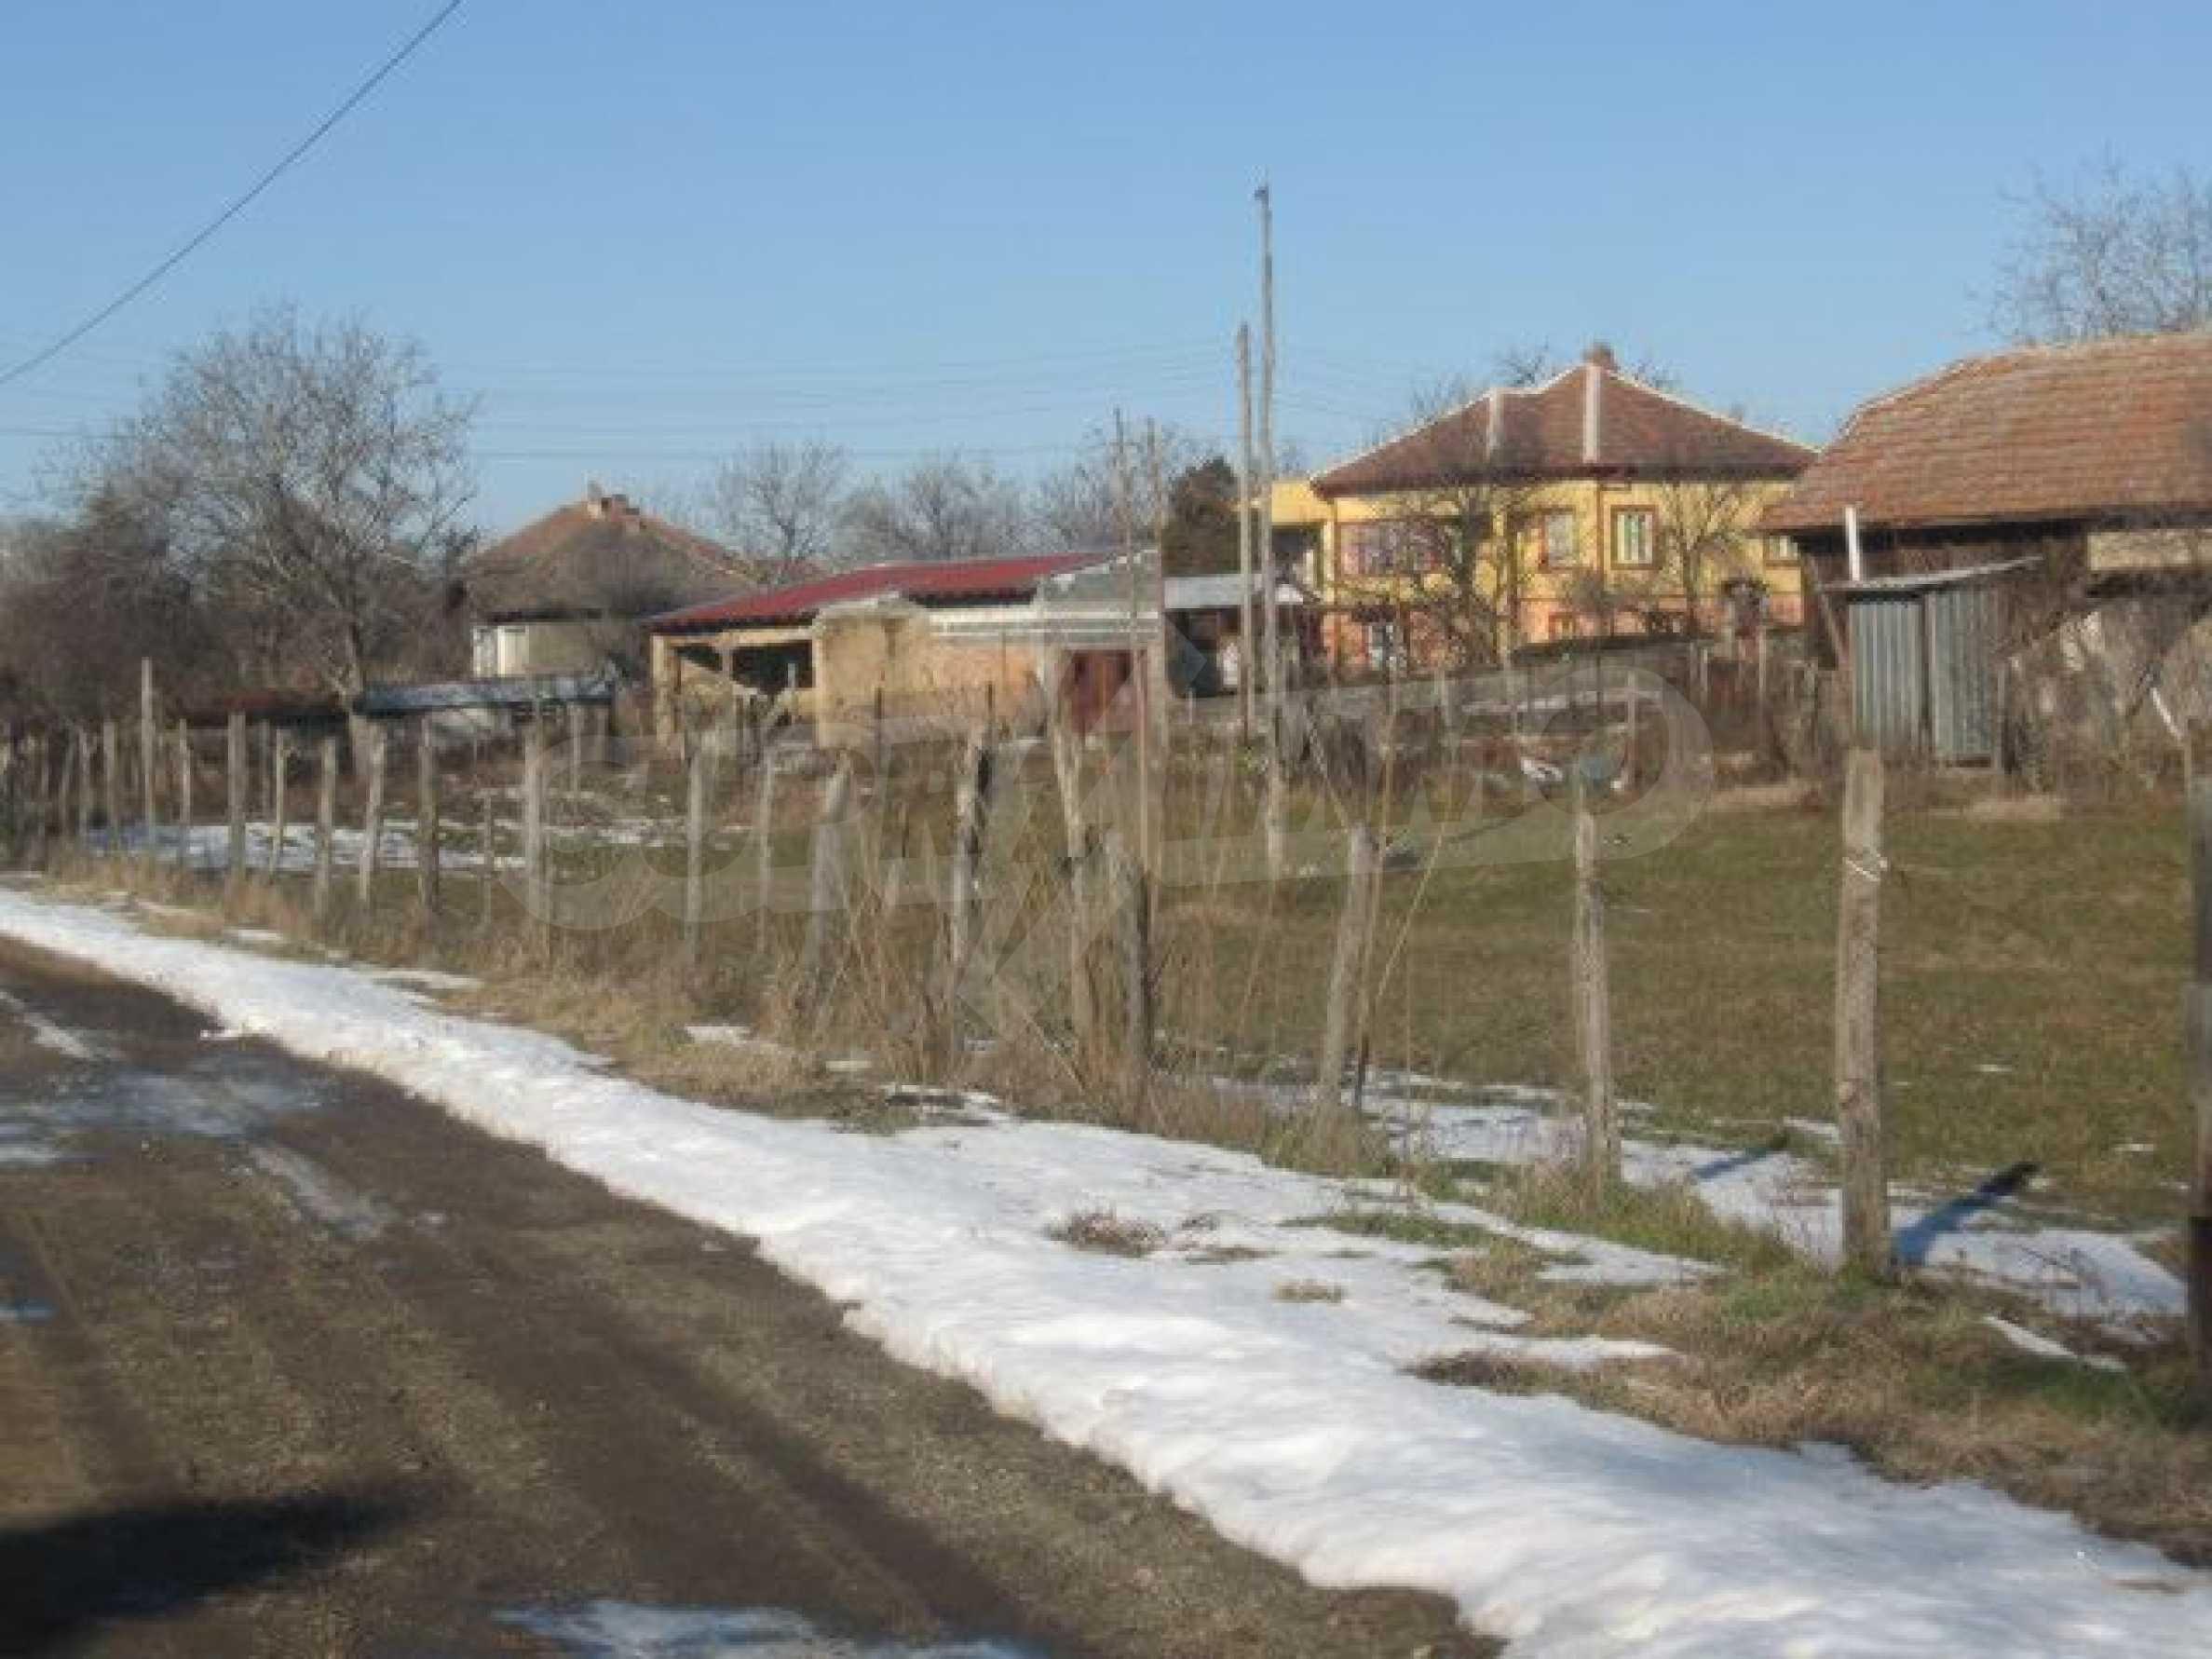 Участок под строительство возле Дунай мост 2, г. Видин 6